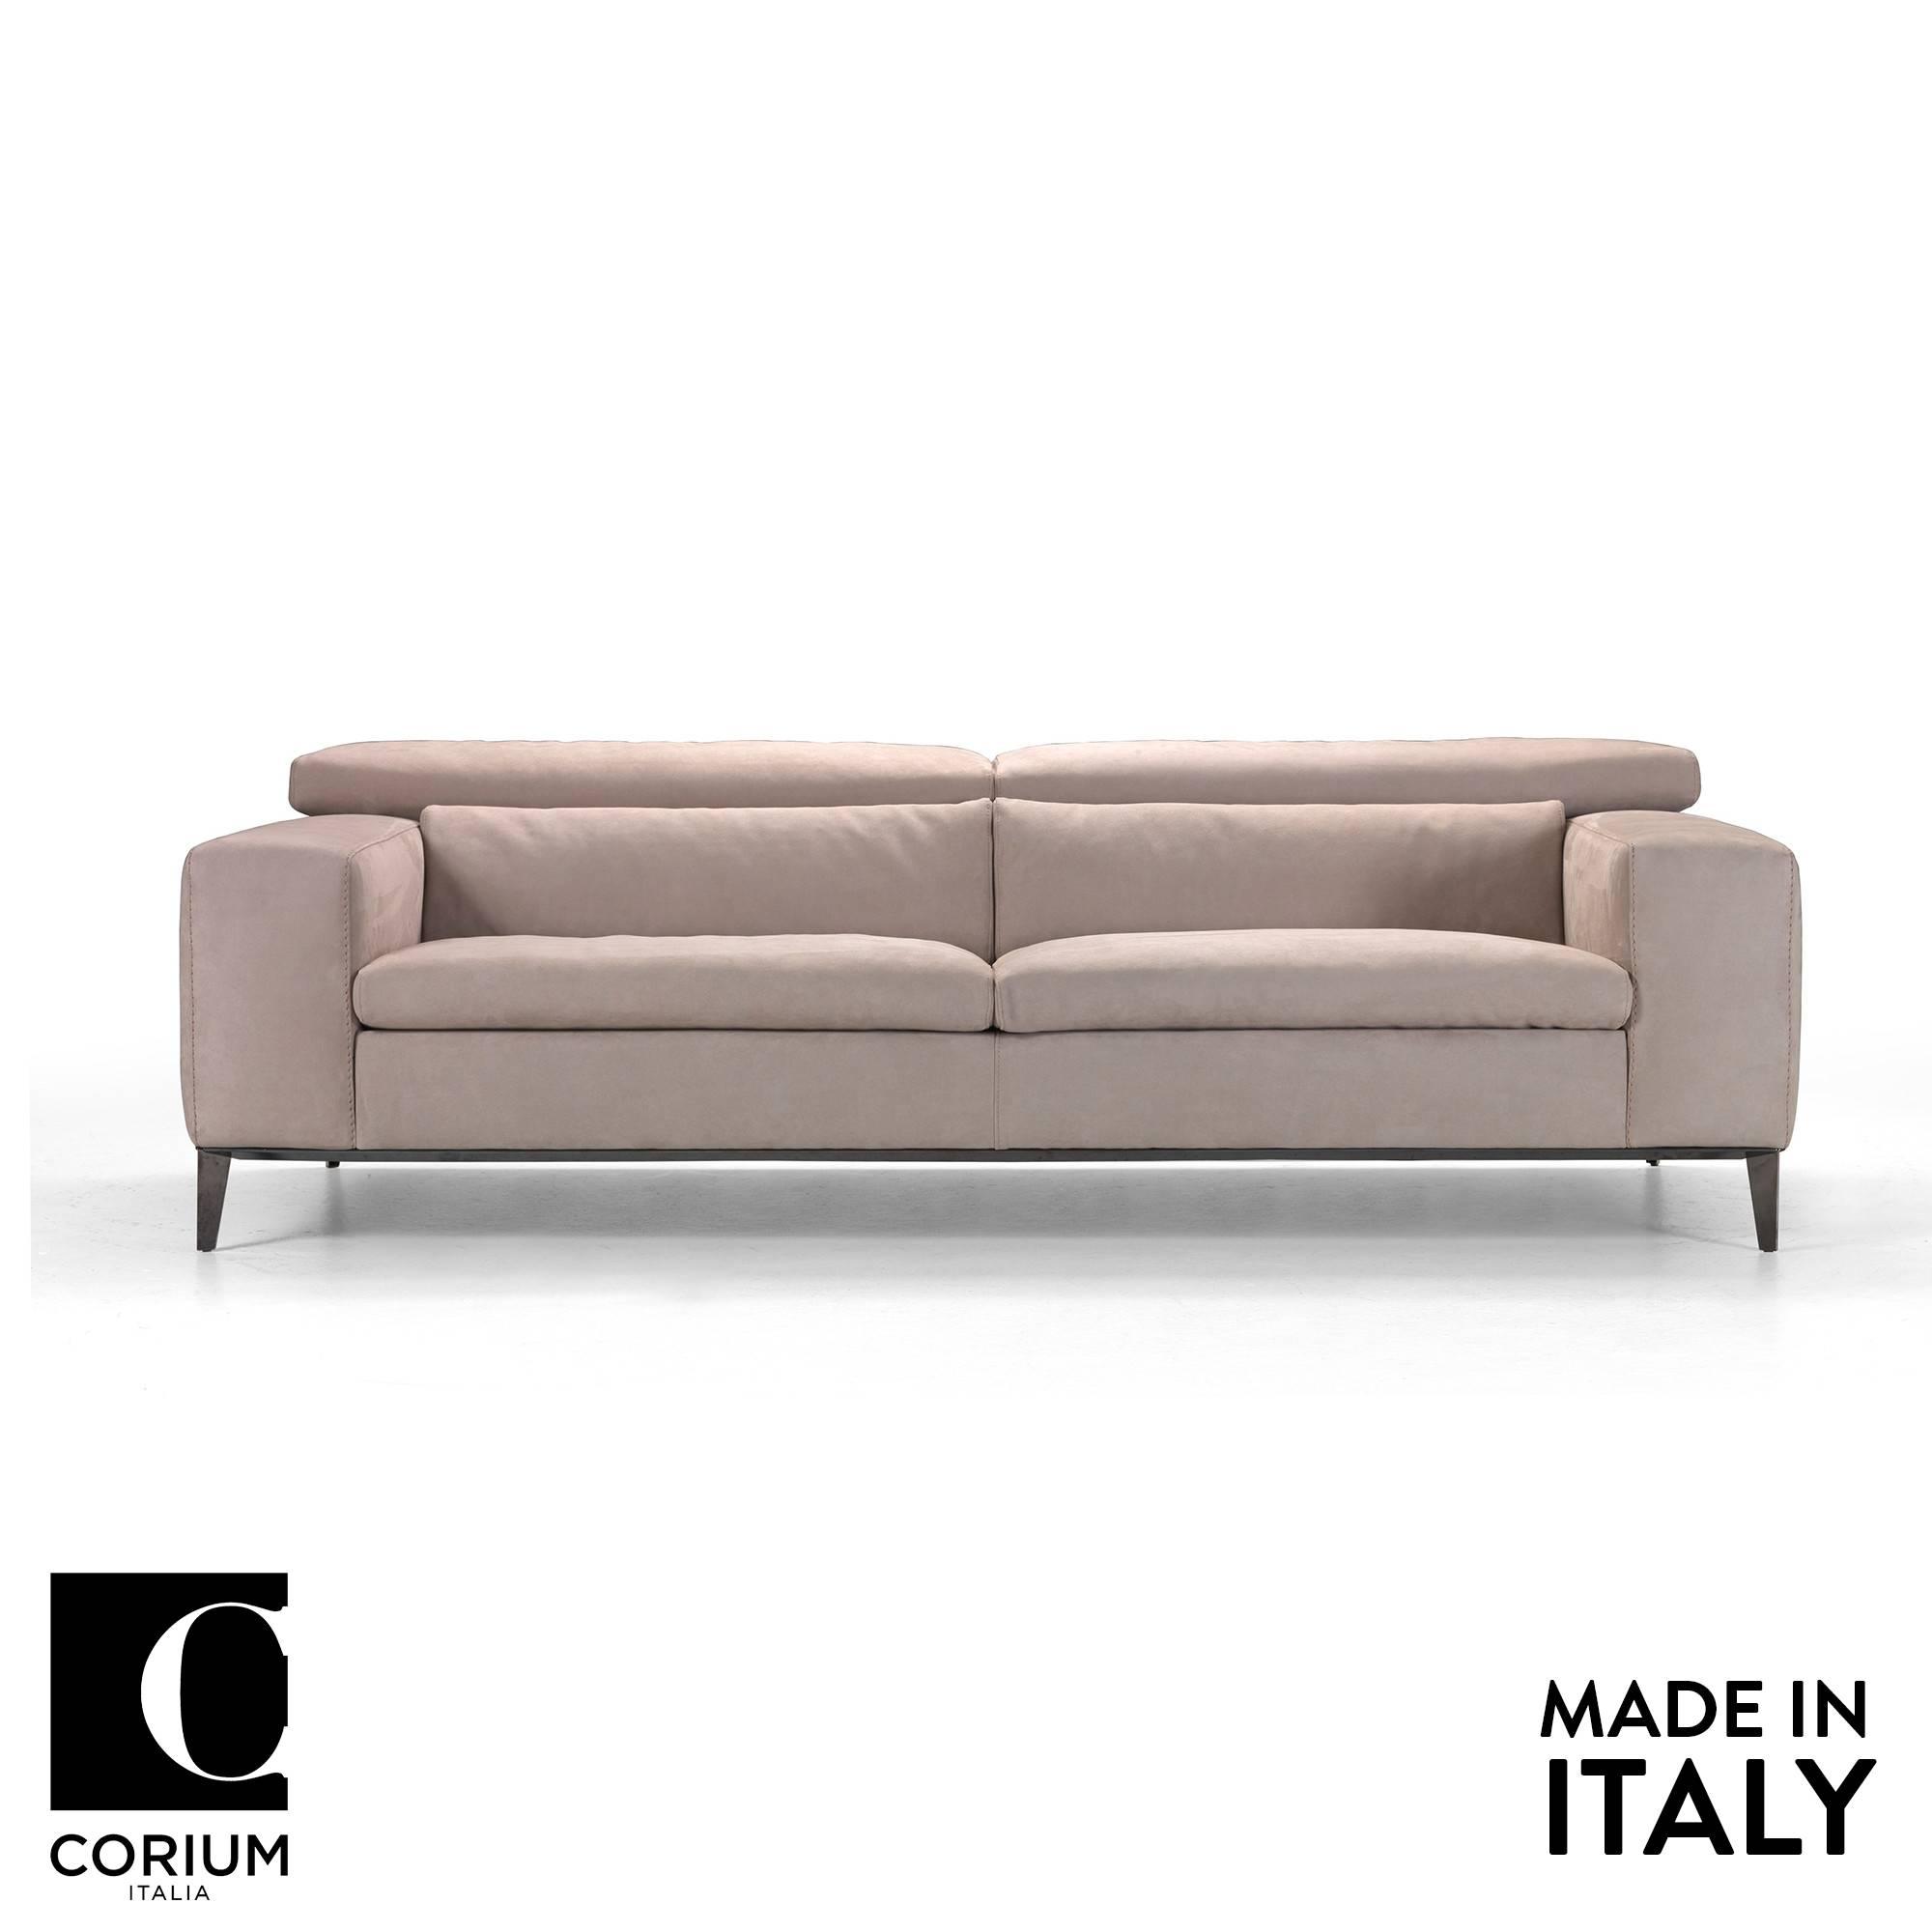 Charmant Losanna Leather Sofa